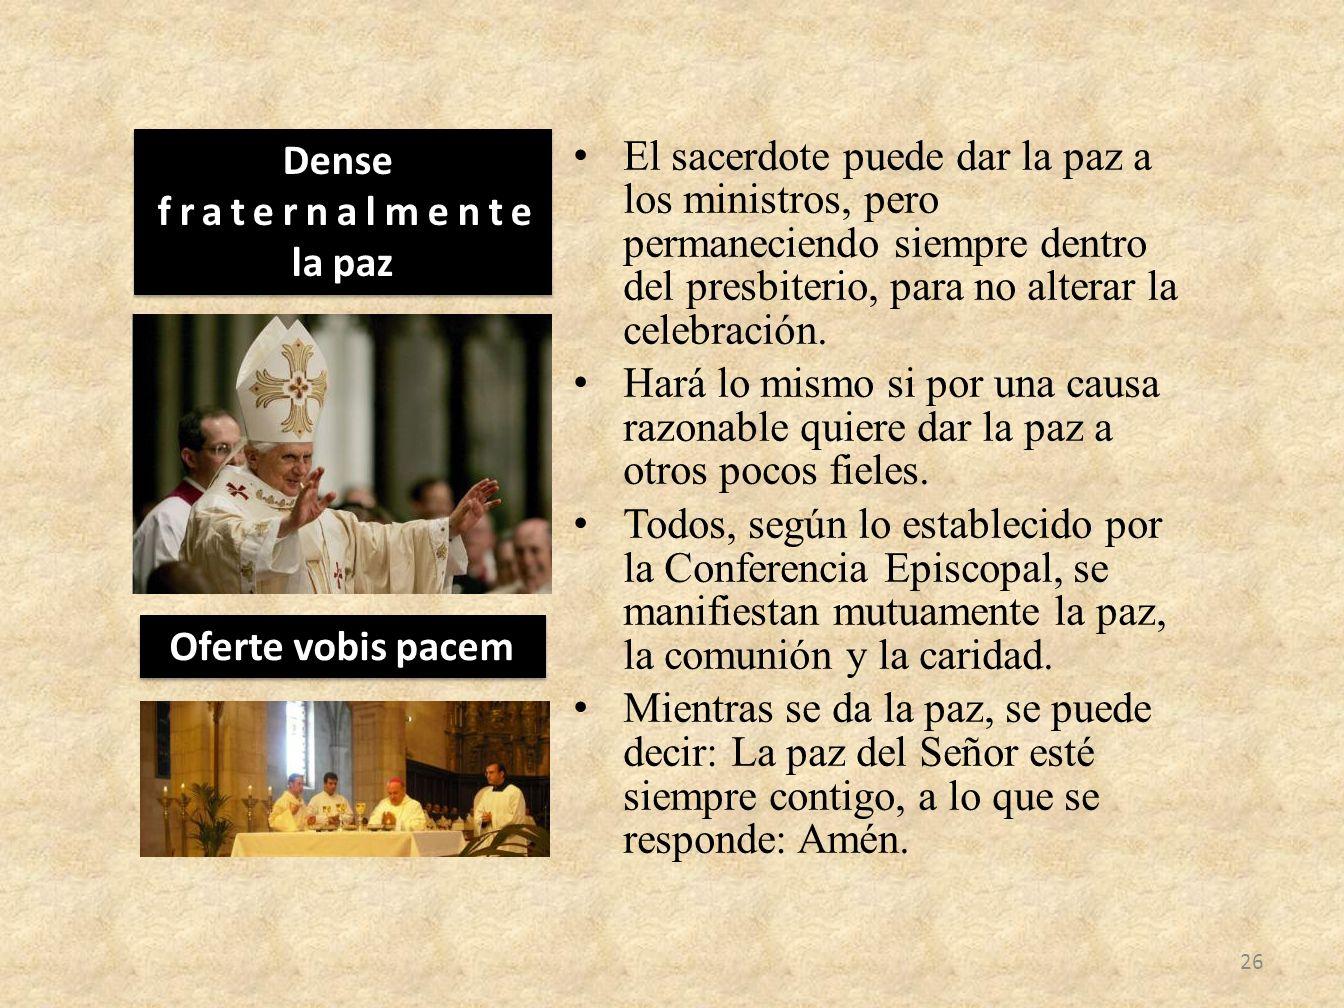 El sacerdote puede dar la paz a los ministros, pero permaneciendo siempre dentro del presbiterio, para no alterar la celebración.